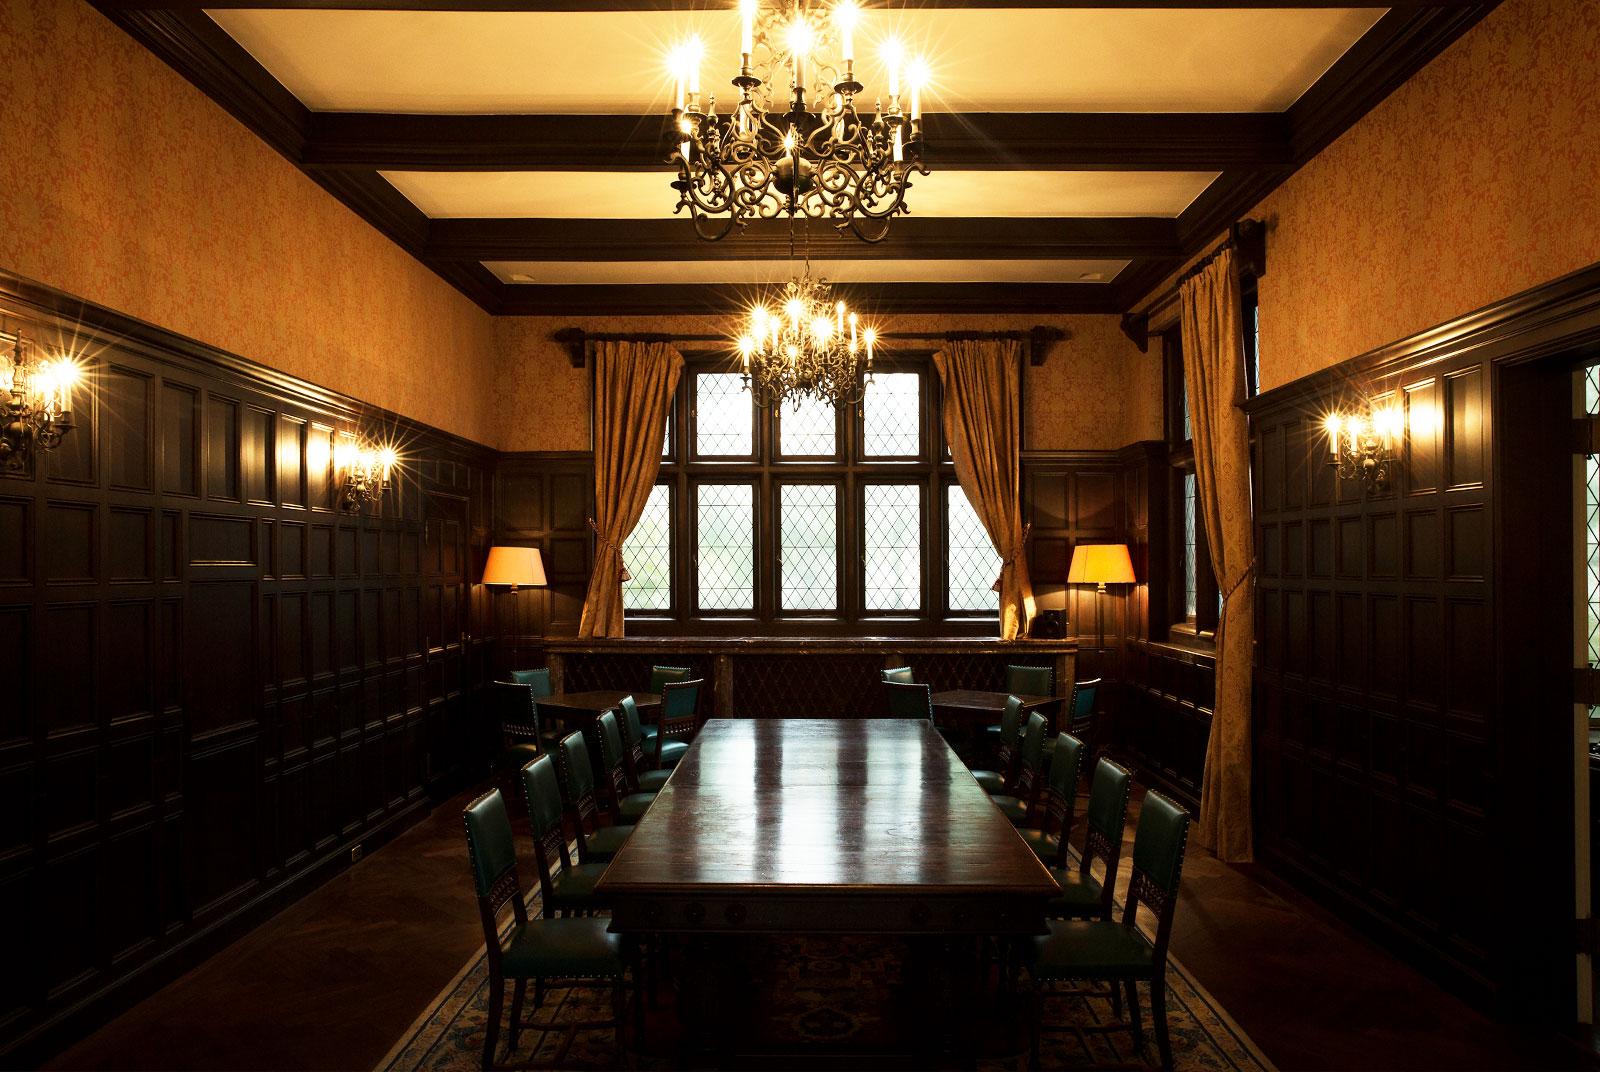 当時使われていた家具として唯一残るサロンの大テーブル